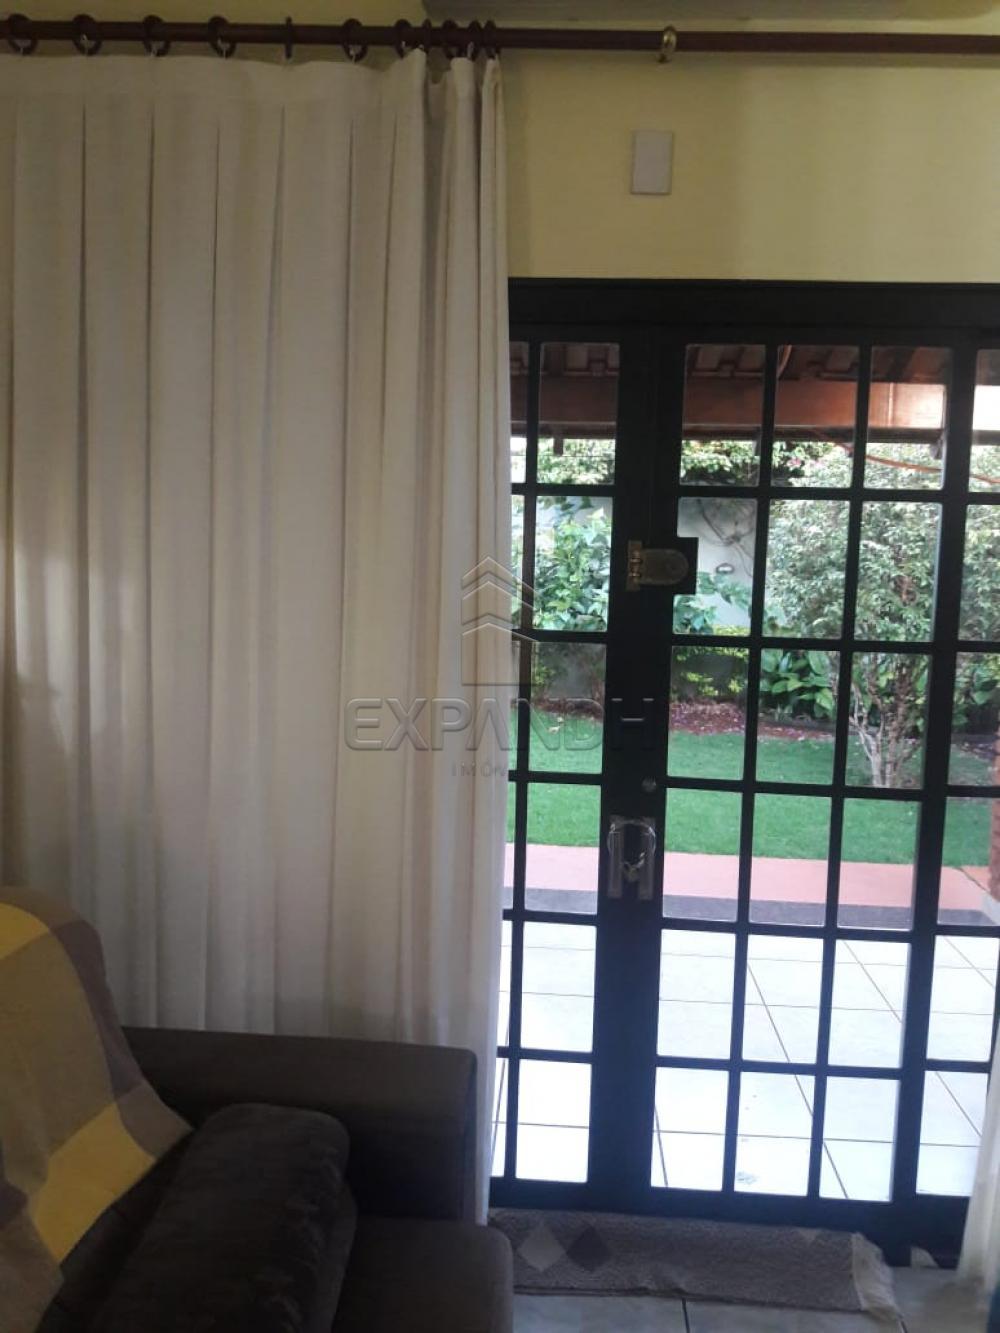 Comprar Casas / Padrão em Sertãozinho apenas R$ 690.000,00 - Foto 12